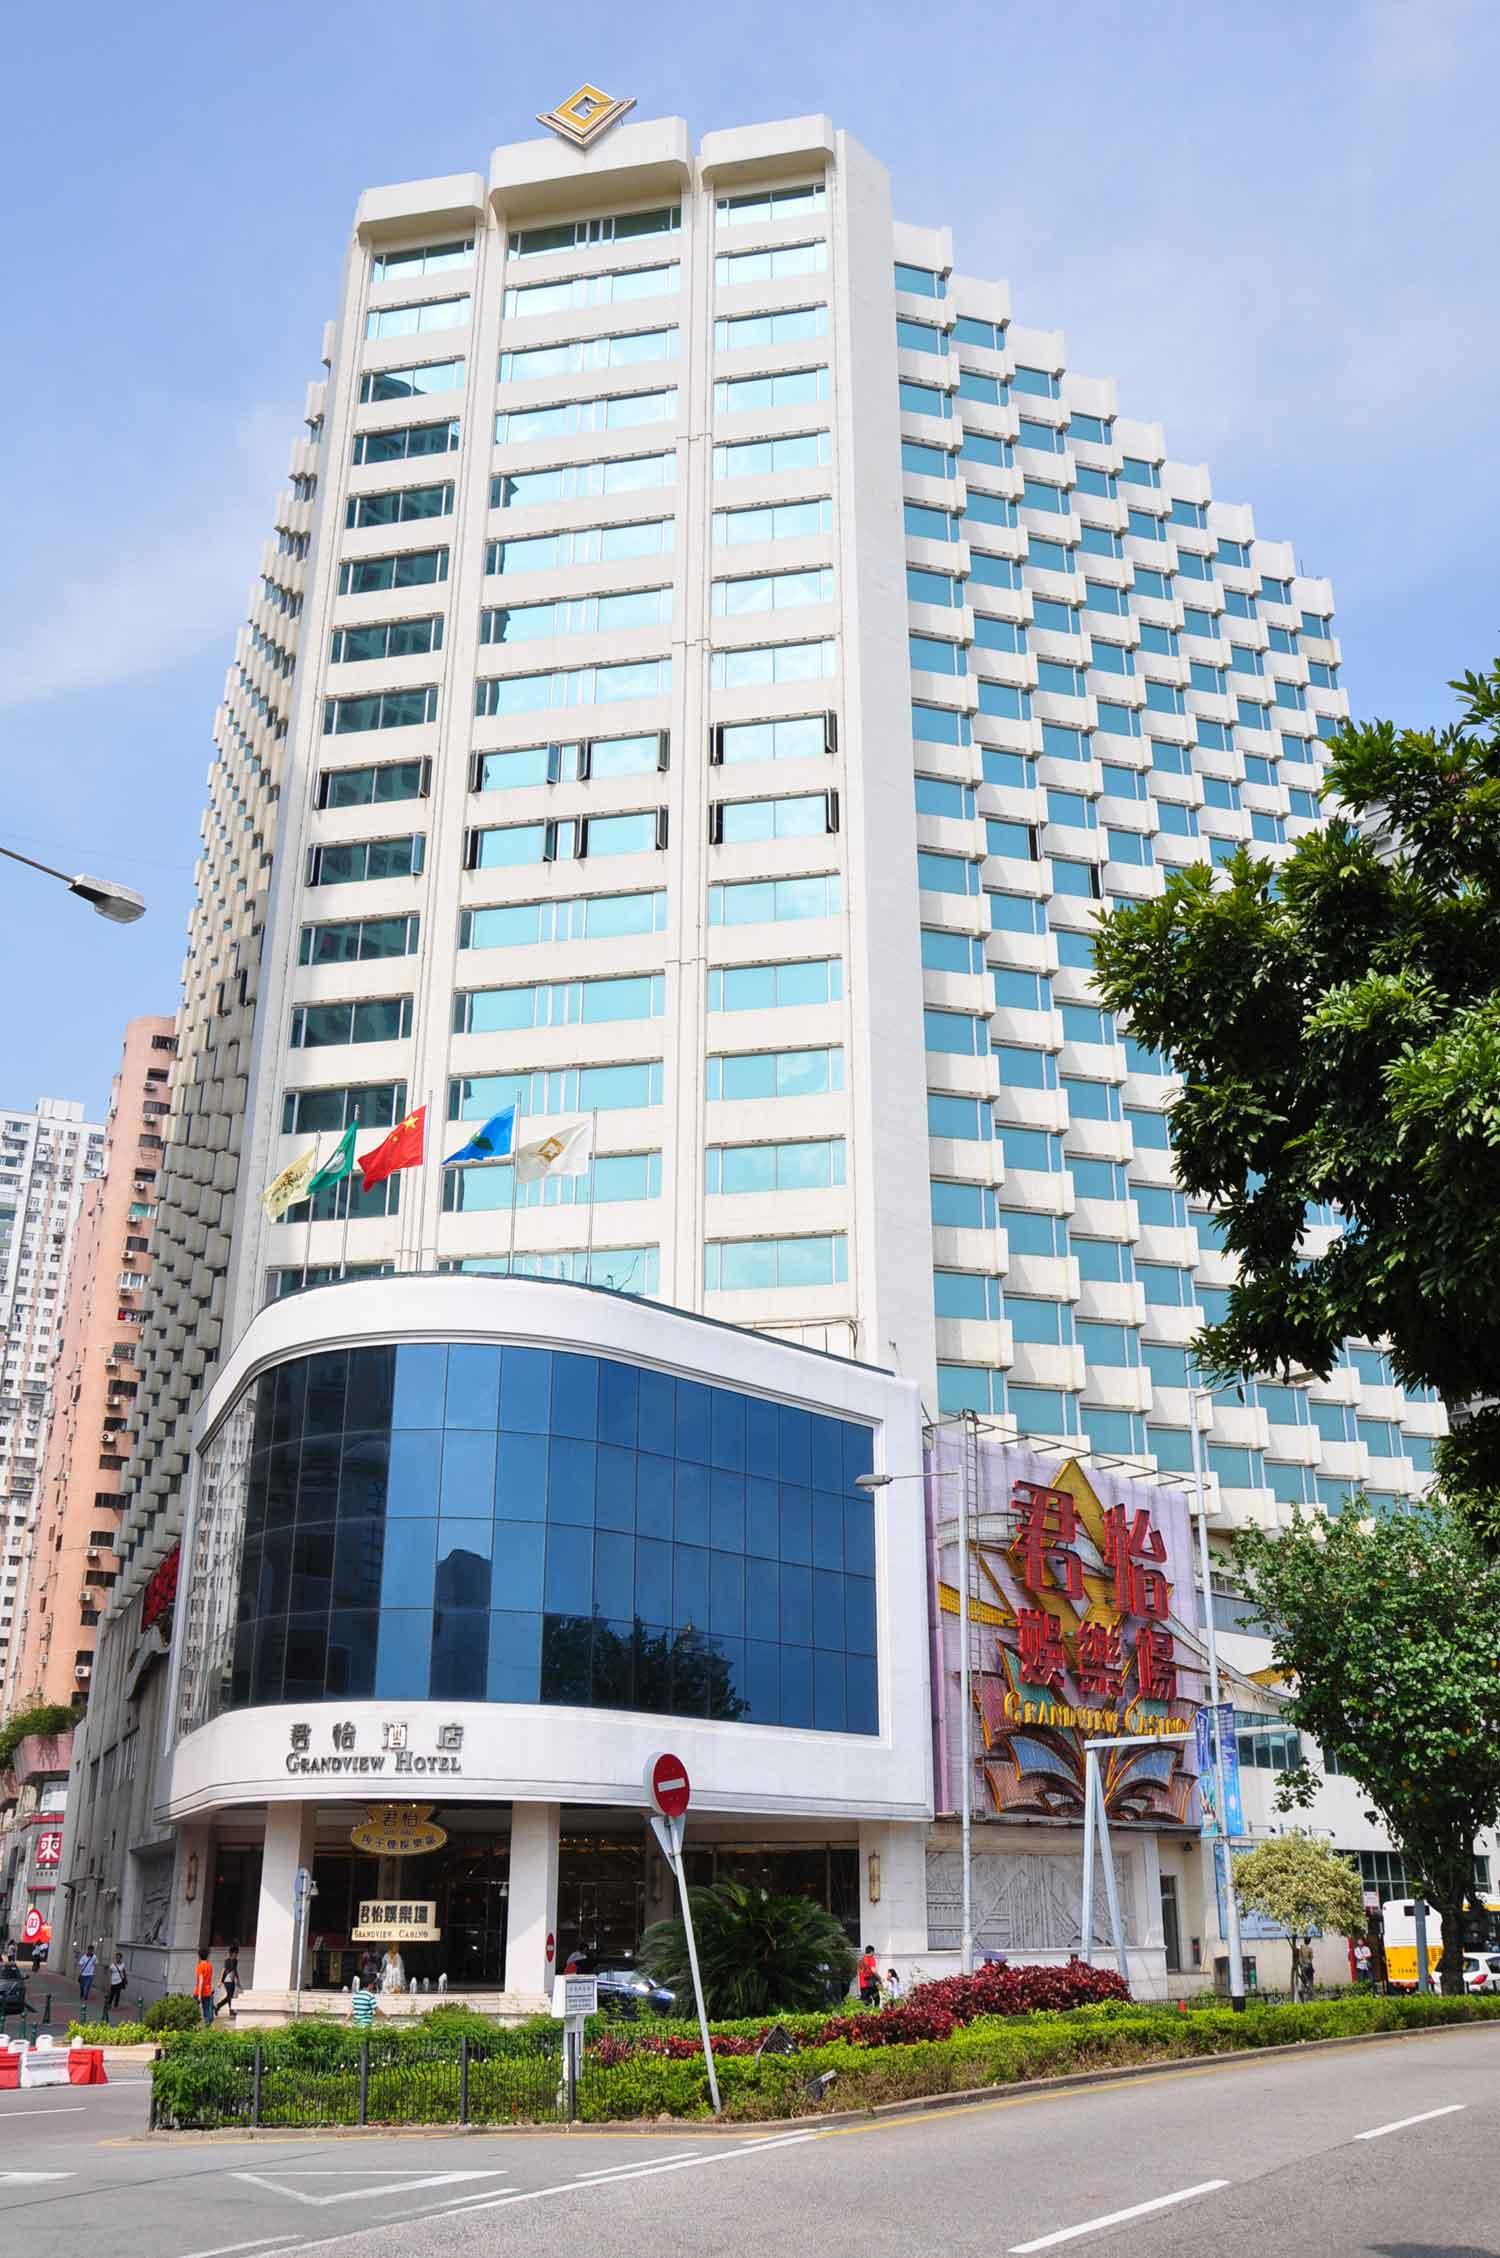 Grandview Casino Macau